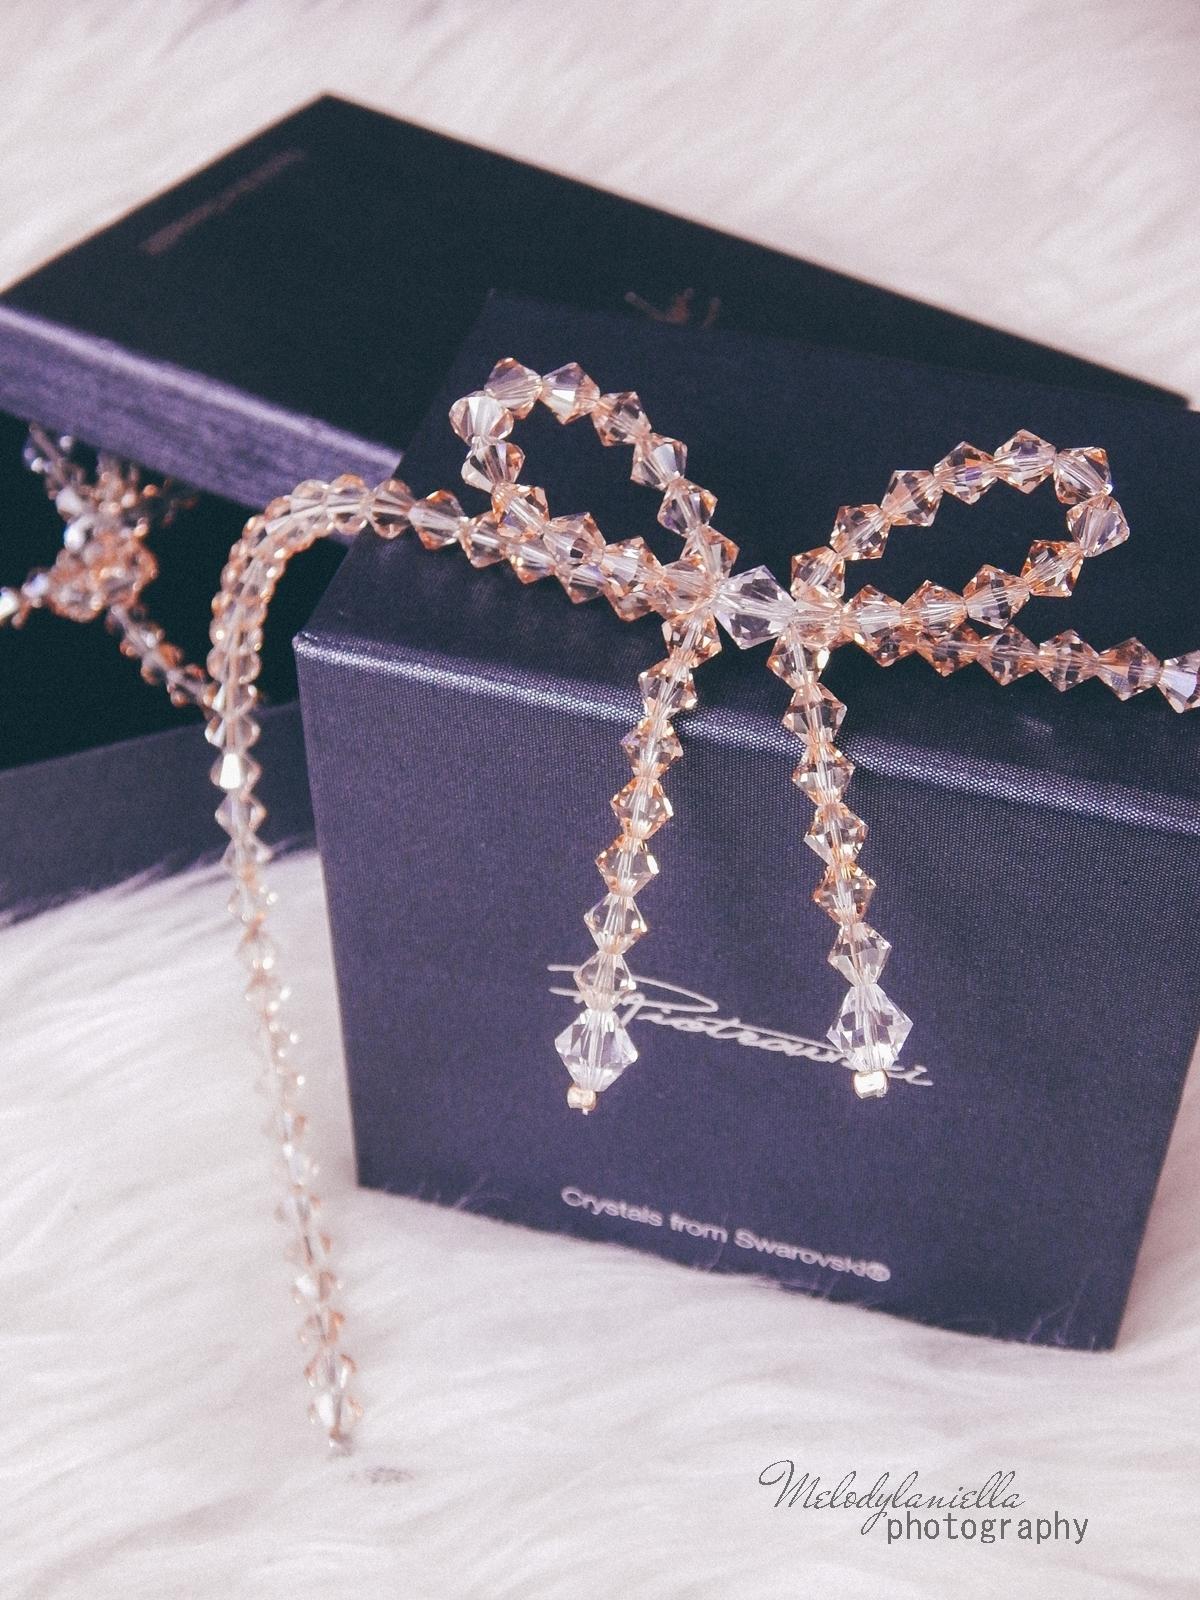 5 biżuteria M piotrowski recenzje kryształy swarovski przegląd opinie recenzje jak dobrać biżuterie modna biżuteria stylowe dodatki kryształy bransoletka z kokardką naszyjnik z kokardą złoto srebro fashion